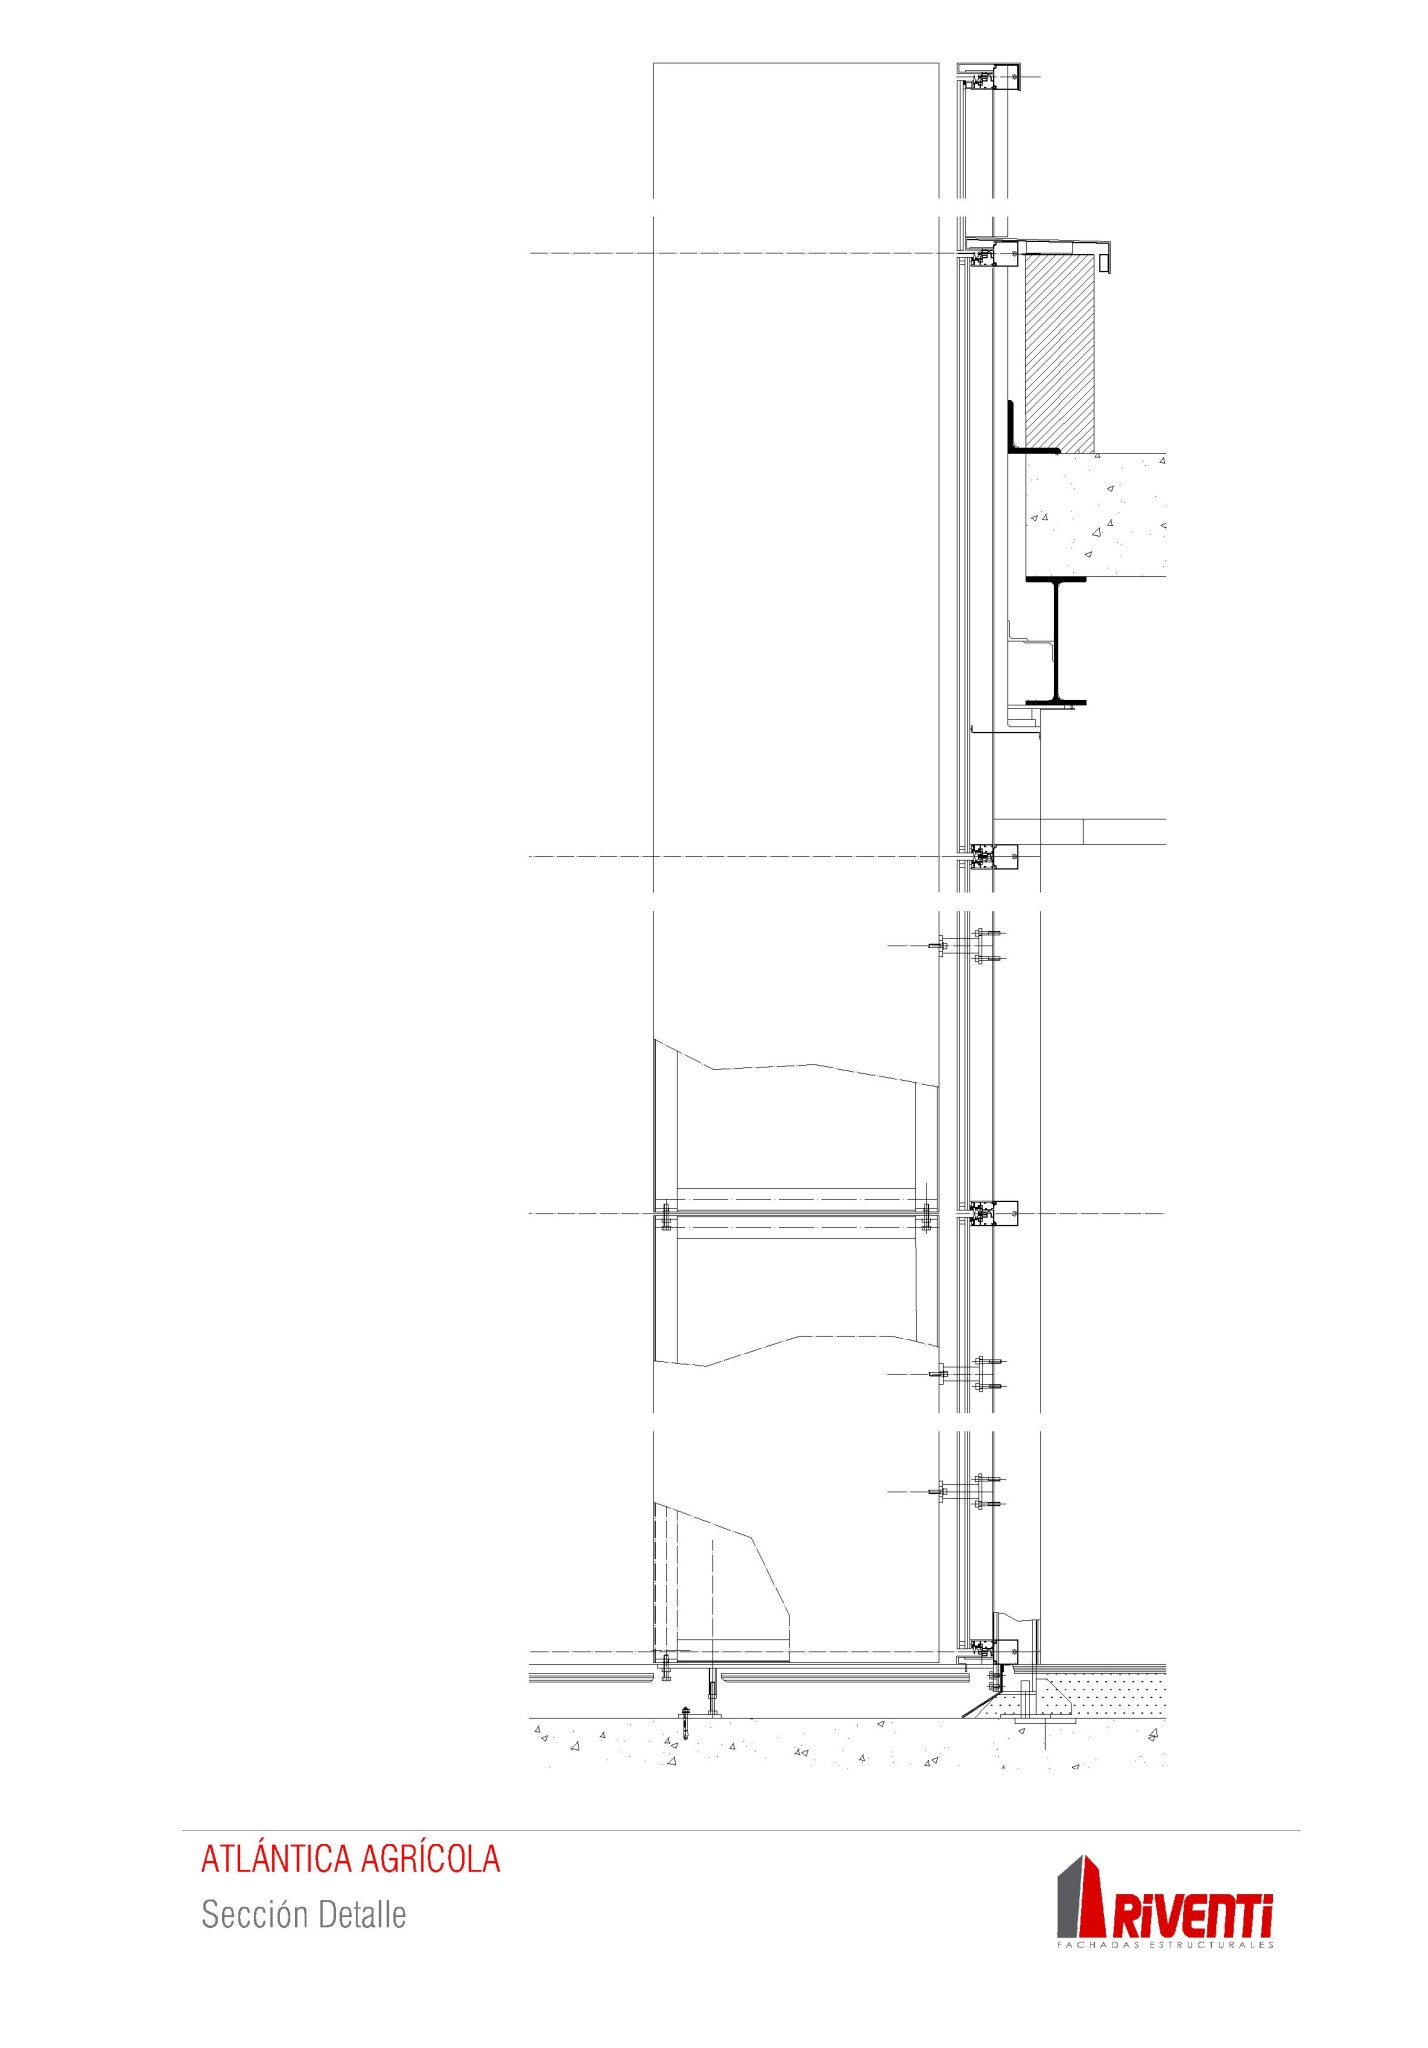 Fachada-atlantica-agricola_riventi-muro-cortina_detalle-constructivo (2)